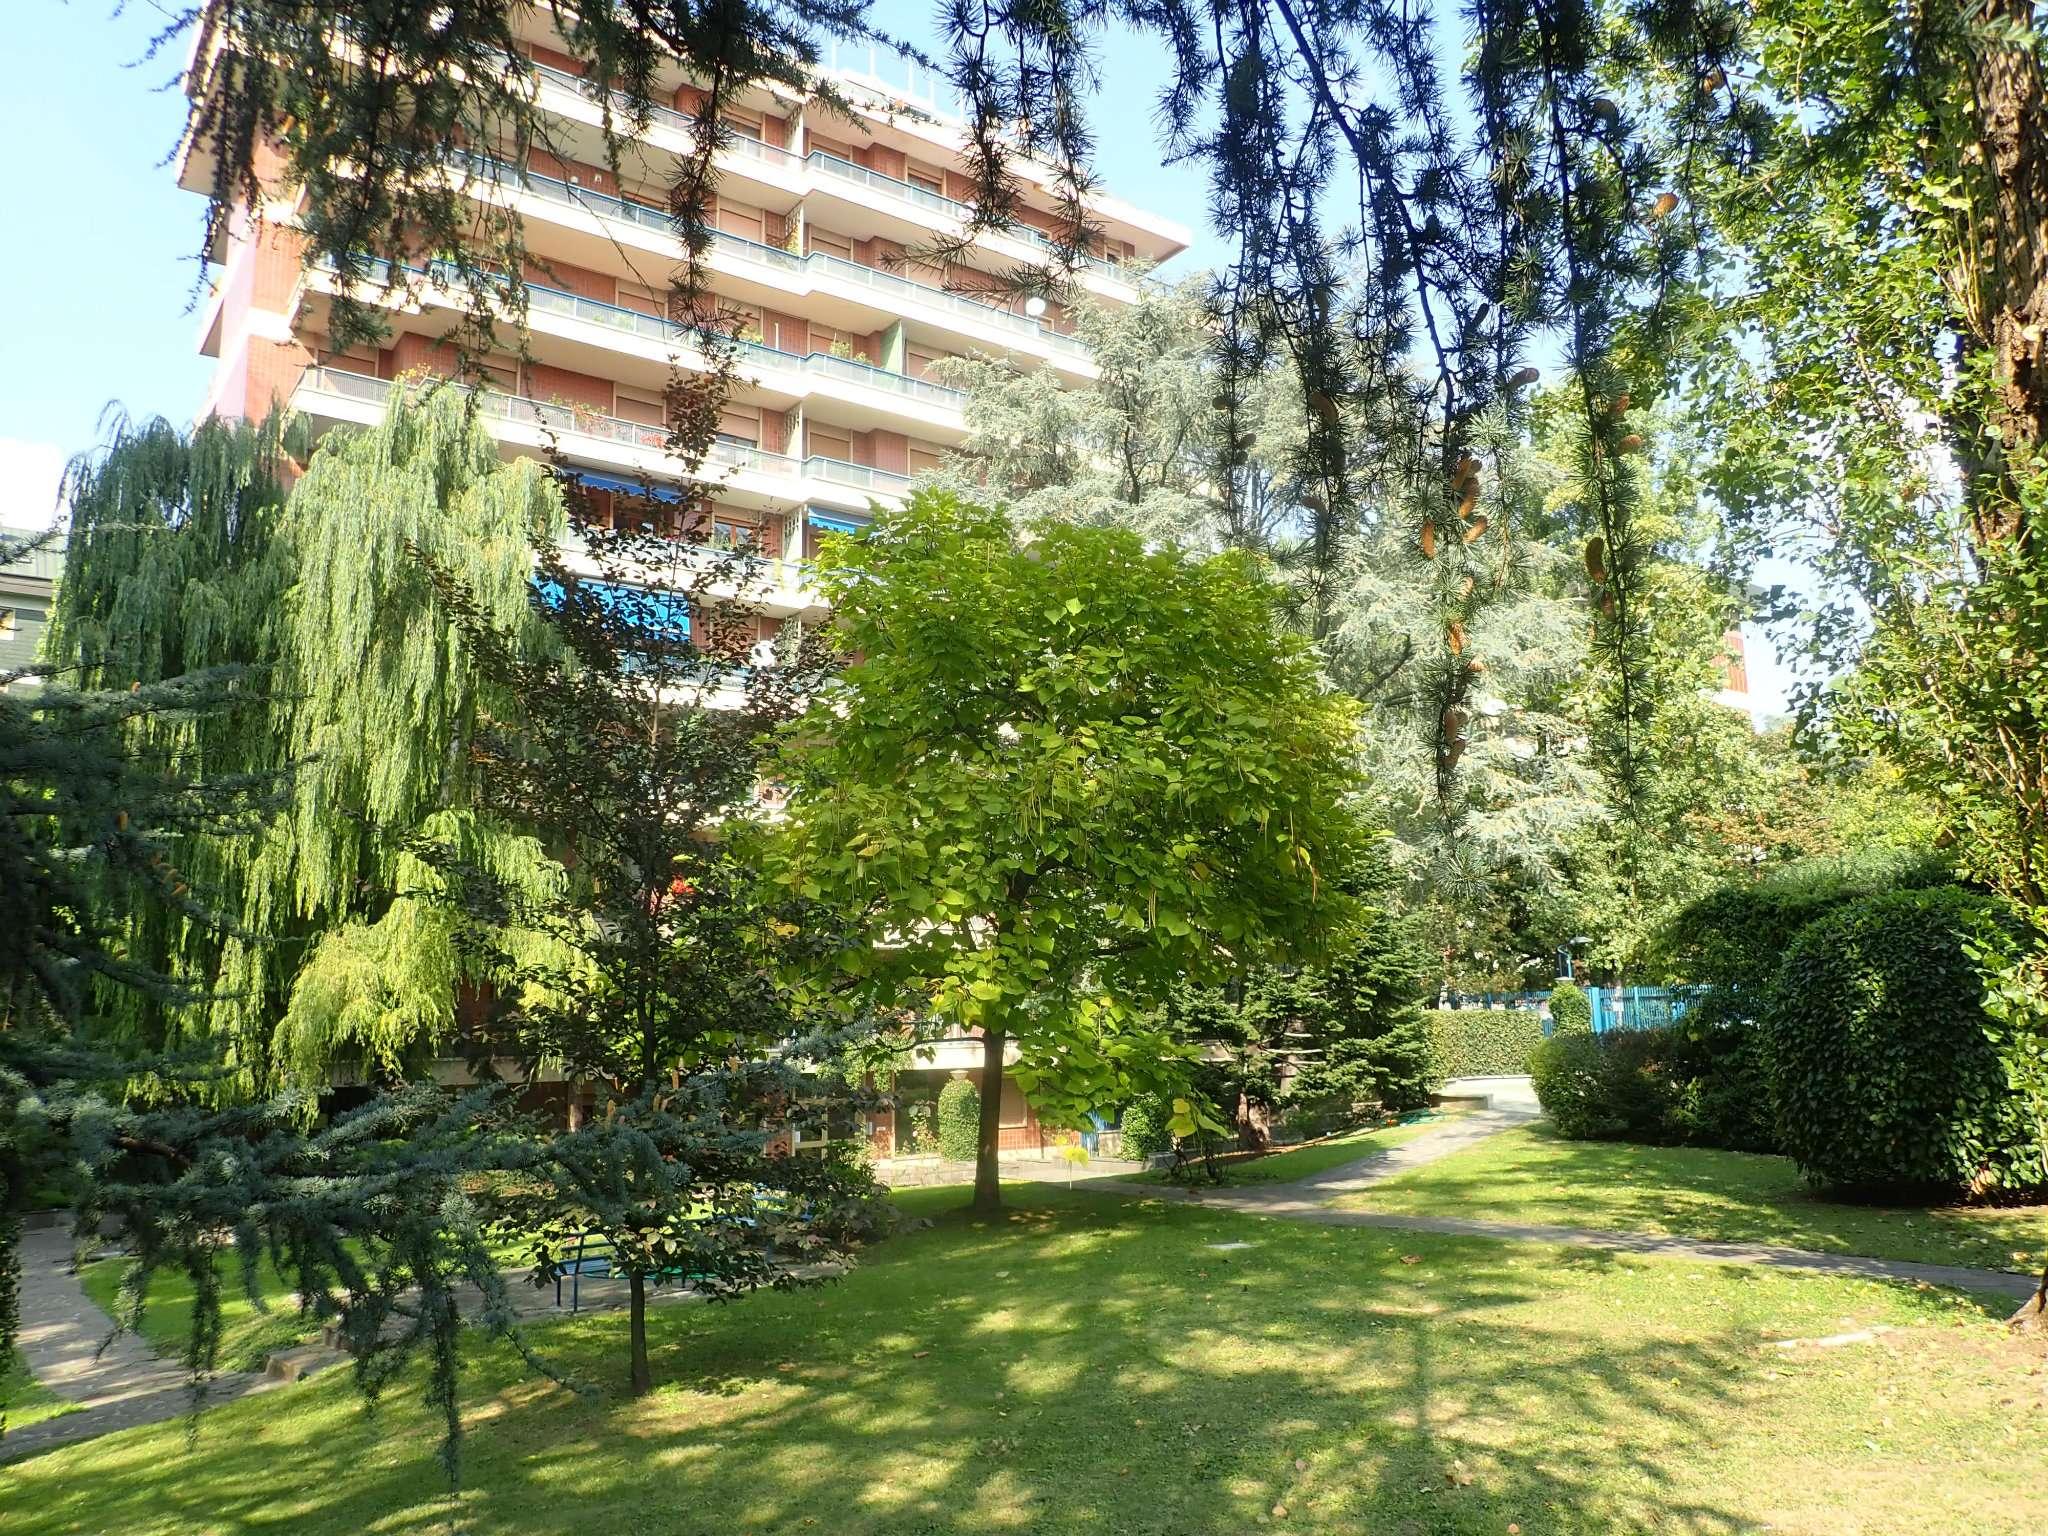 Appartamento in Vendita a Milano 18 Ippodromo / San Siro / Zavattari: 4 locali, 150 mq